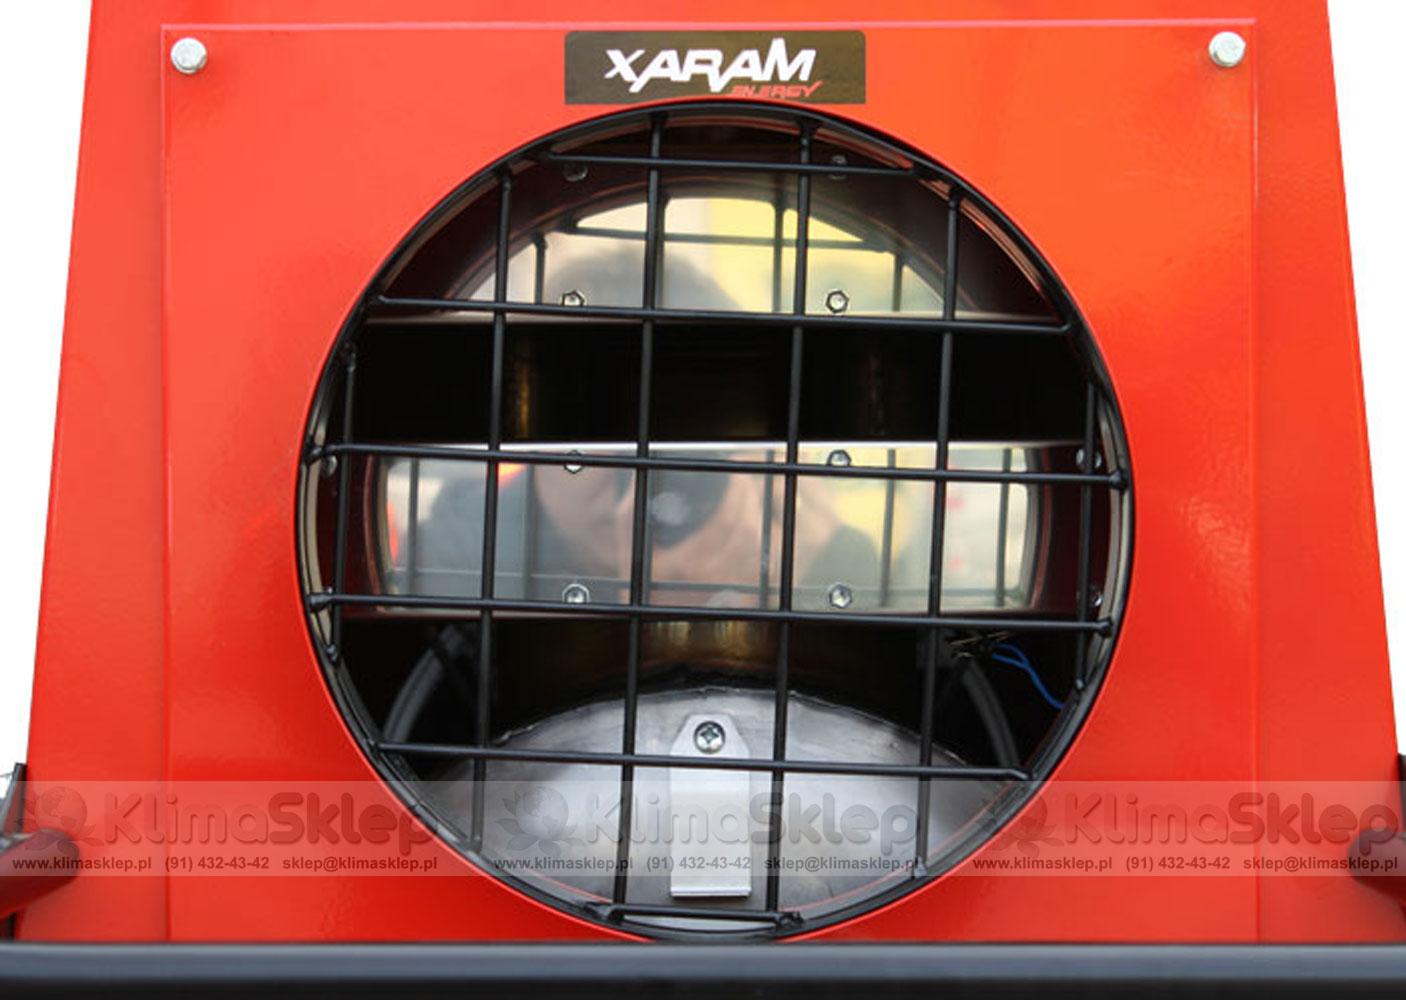 Nagrzewnica XARAM ENERGY P-40Z - wylot ciepłego powietrza